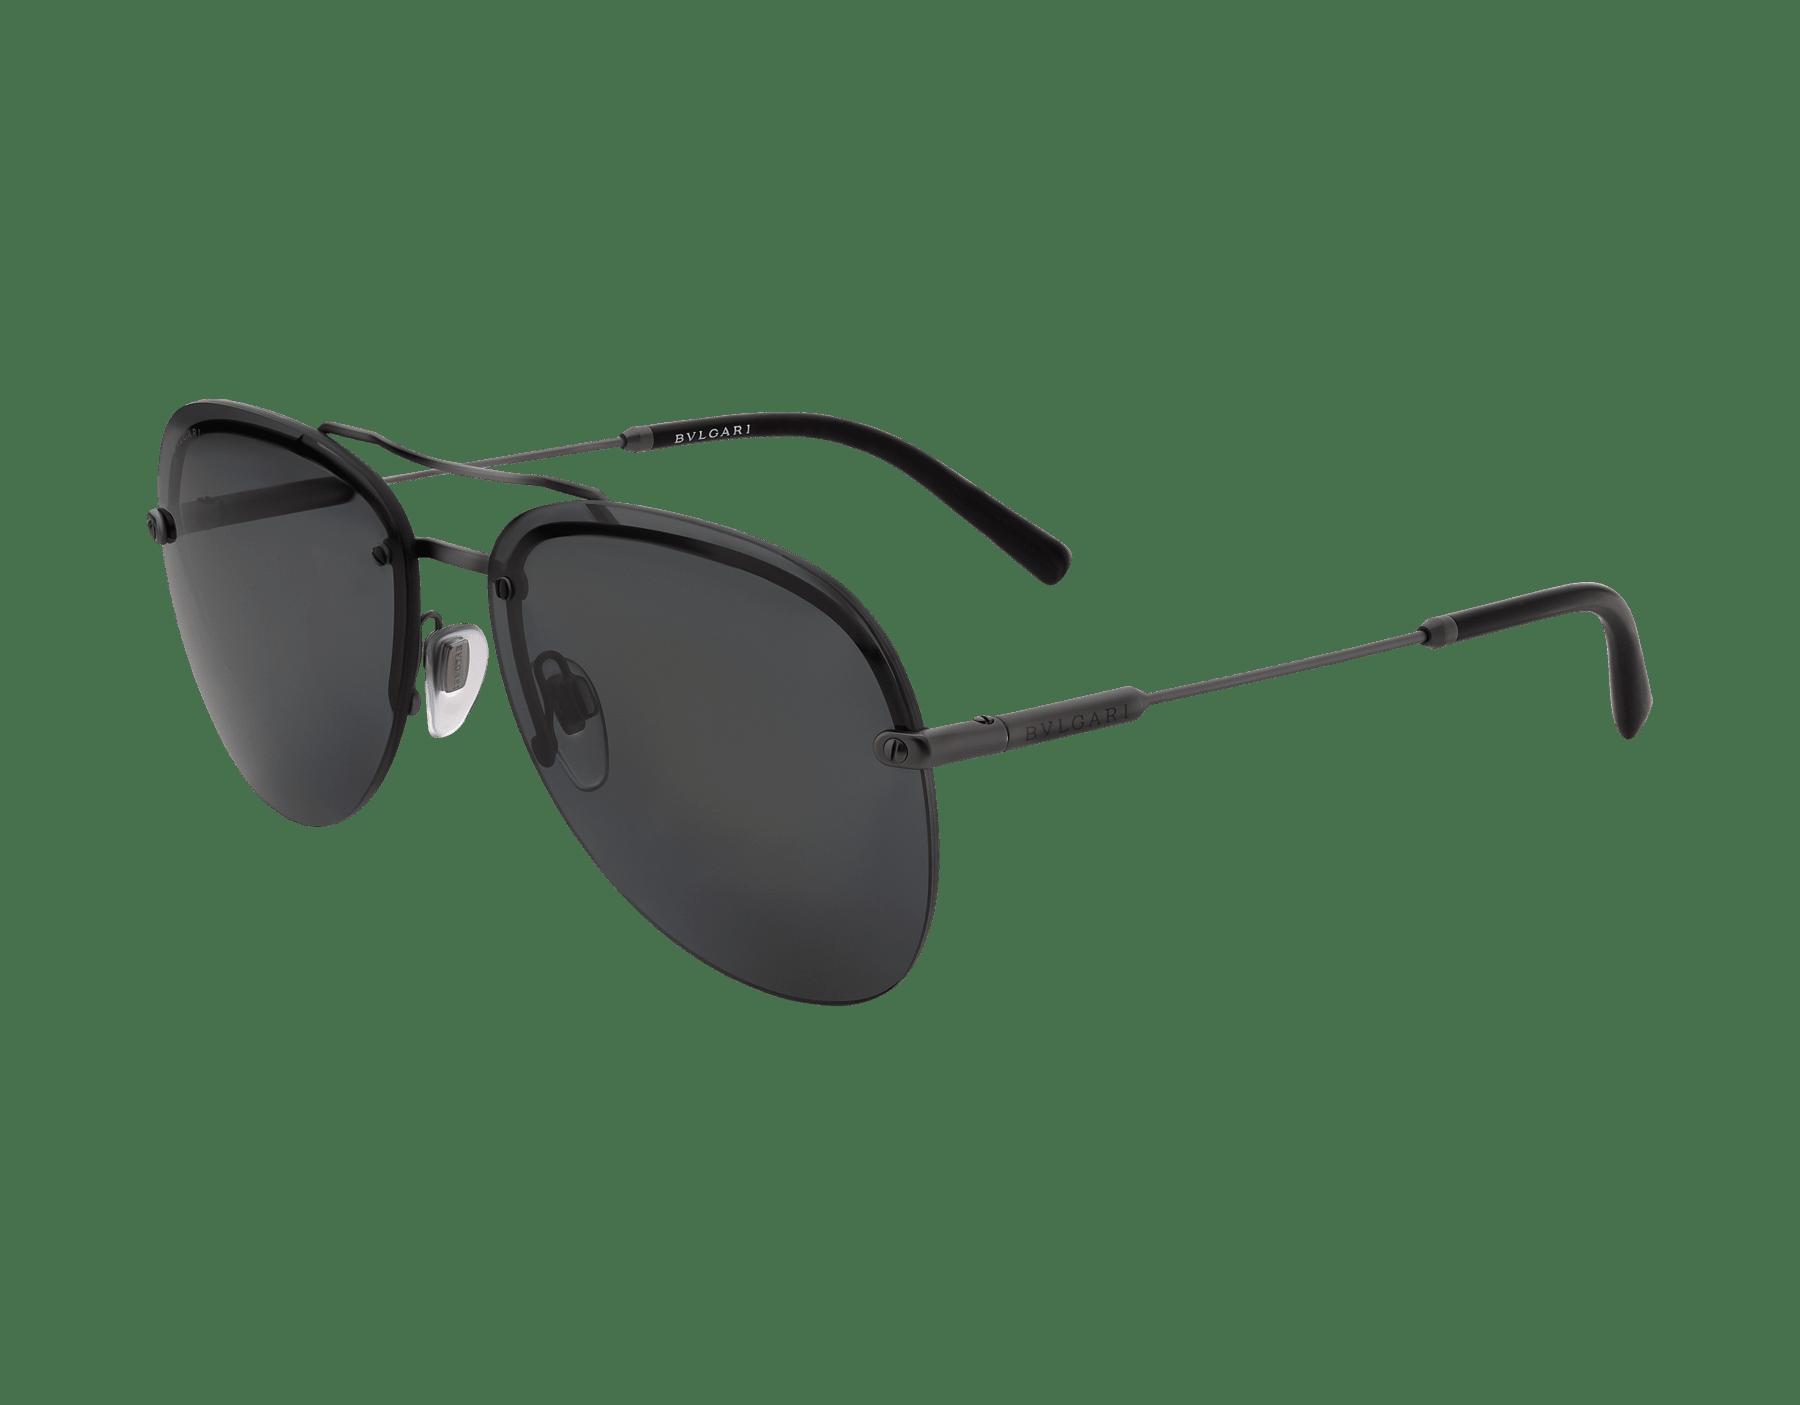 BVLGARI BVLGARI semi-rimless aviator sunglasses. 903412 image 1